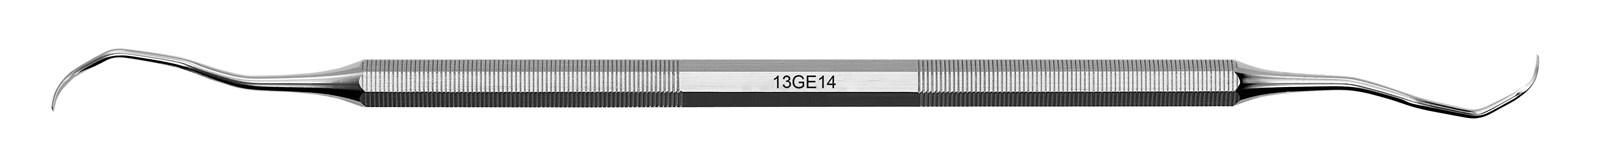 Kyreta Gracey Classic - 13GE14, ADEP silikonový návlek fialový